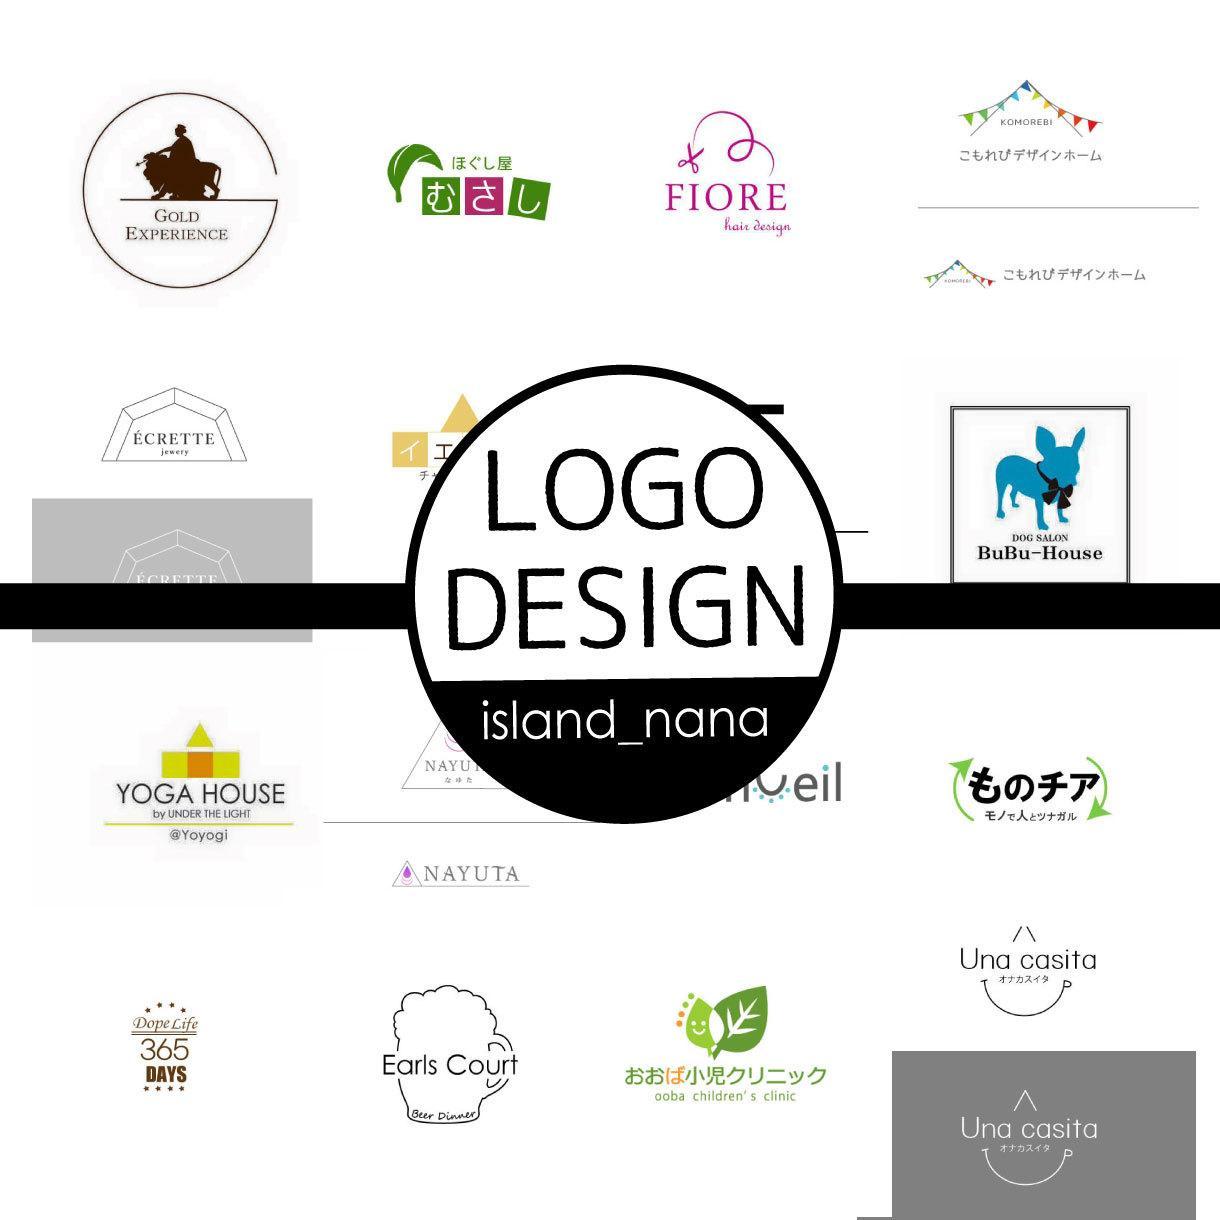 開業、リブランディング応援!お店のロゴ作成します シンプルで今風なロゴを制作!プロのデザインを手頃な価格で イメージ1